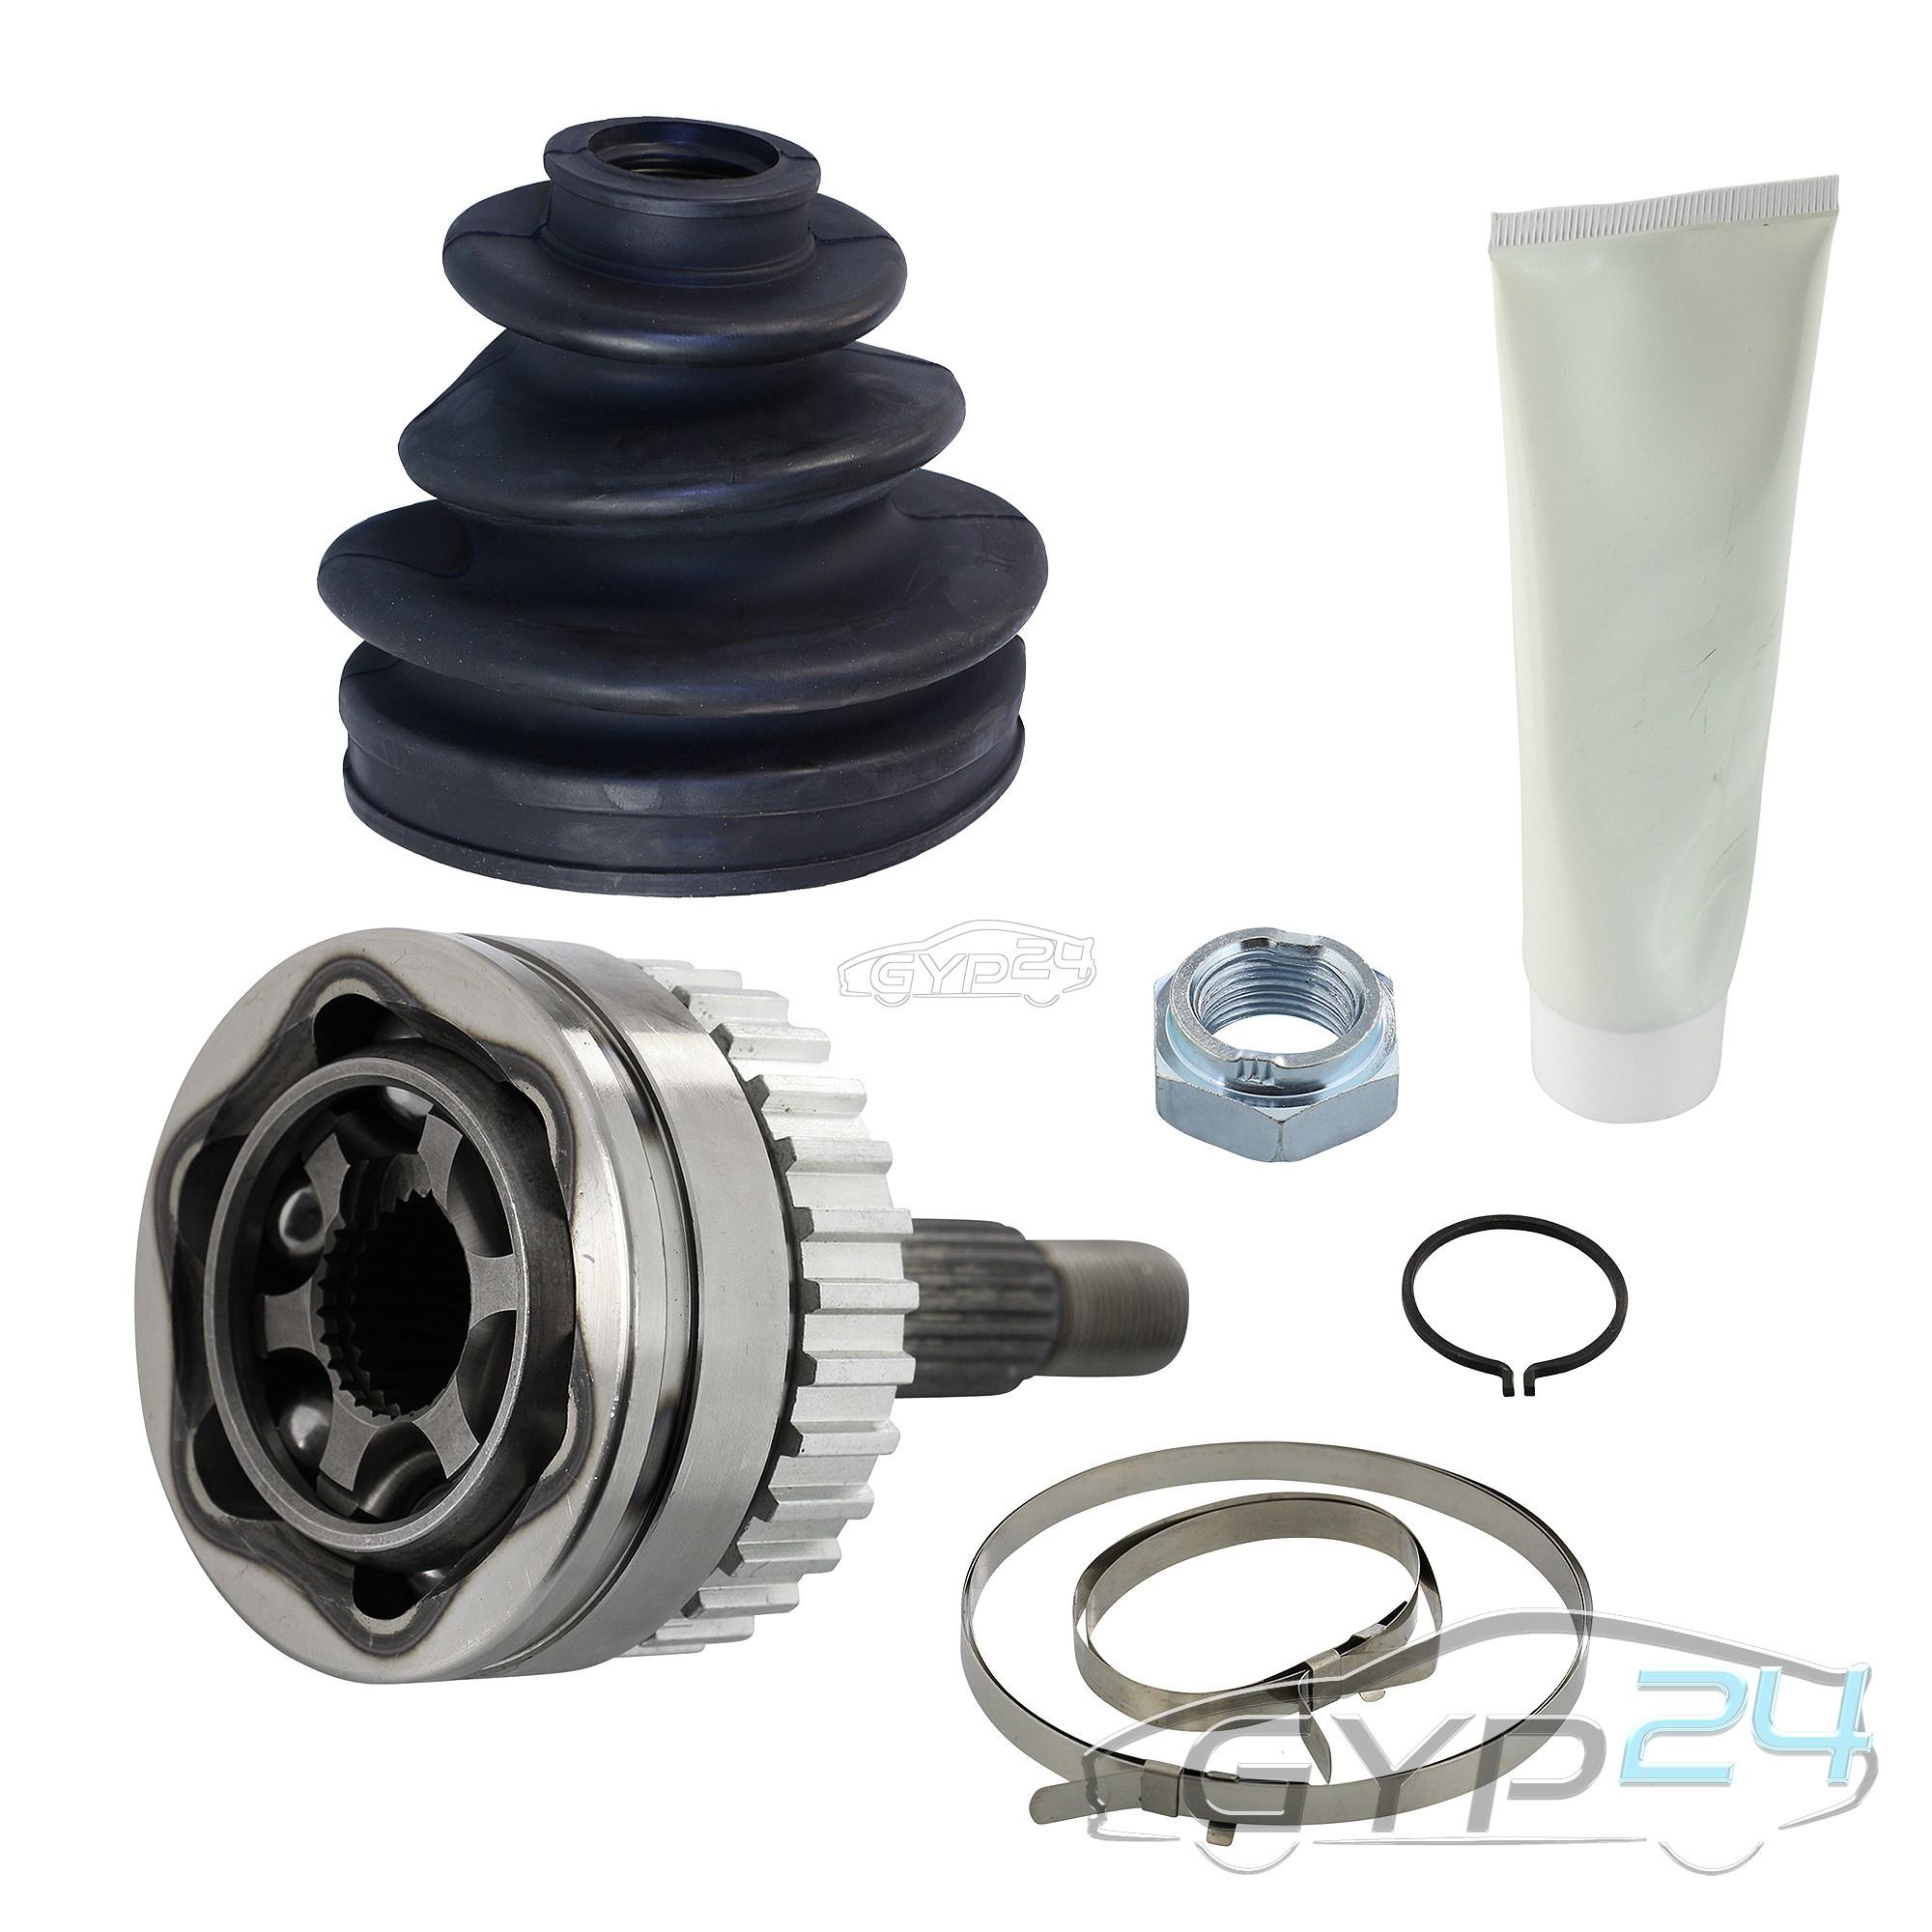 Articulacion-de-las-articulaciones-conjunto-de-propulsion-eje-de-transmision-ondas-articular-con-ABS